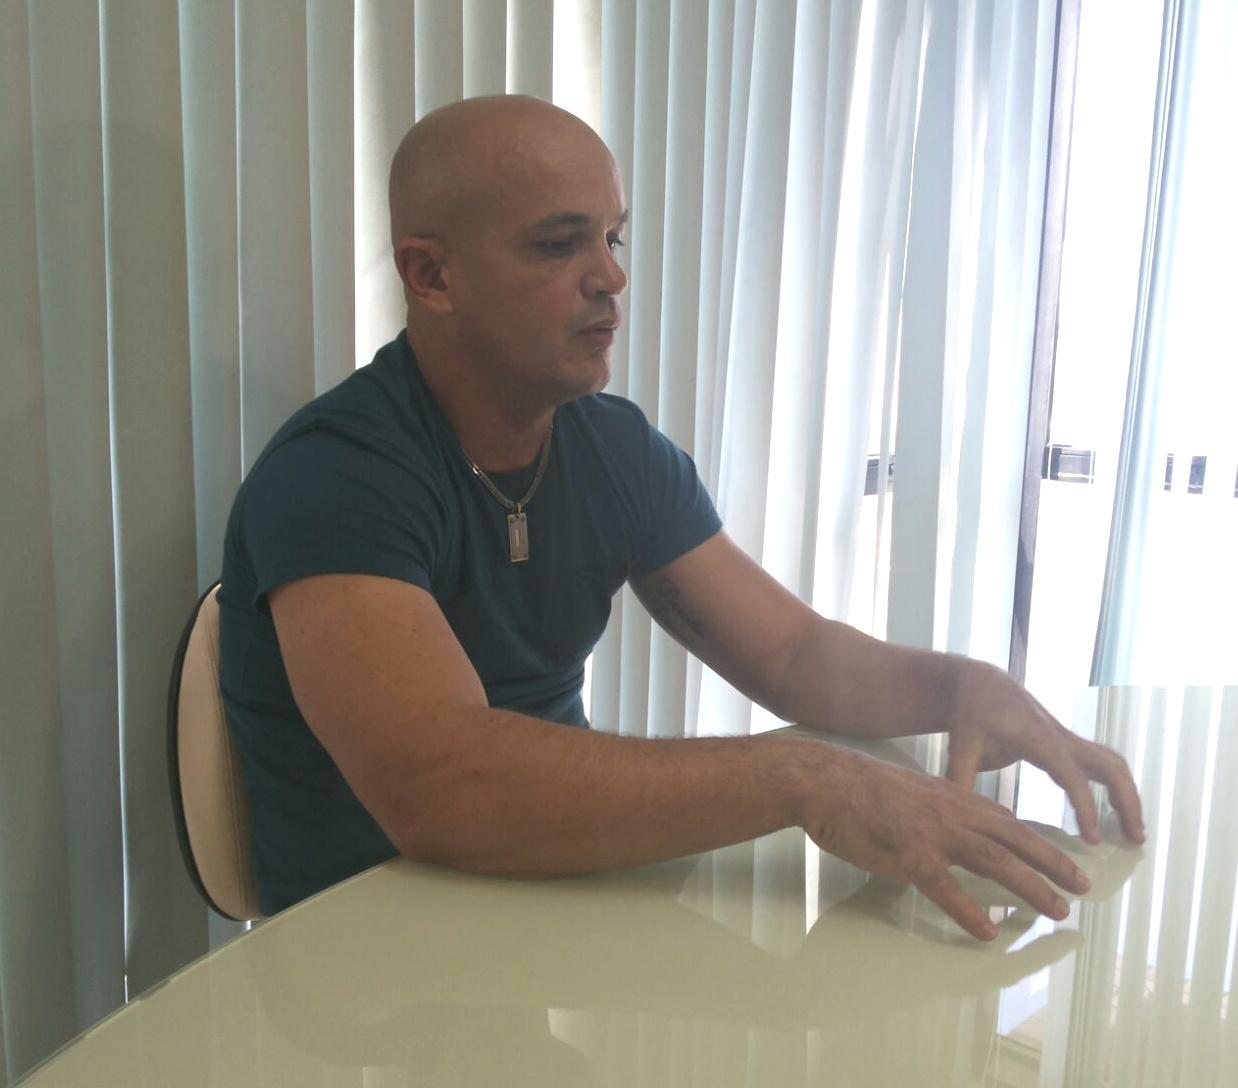 Francilewdo acredita que o seu caso alertou à polícia sobre tipos de crimes que passavam desapercebidos. (FOTO: Tribuna do Ceará/ Rosana Romão)